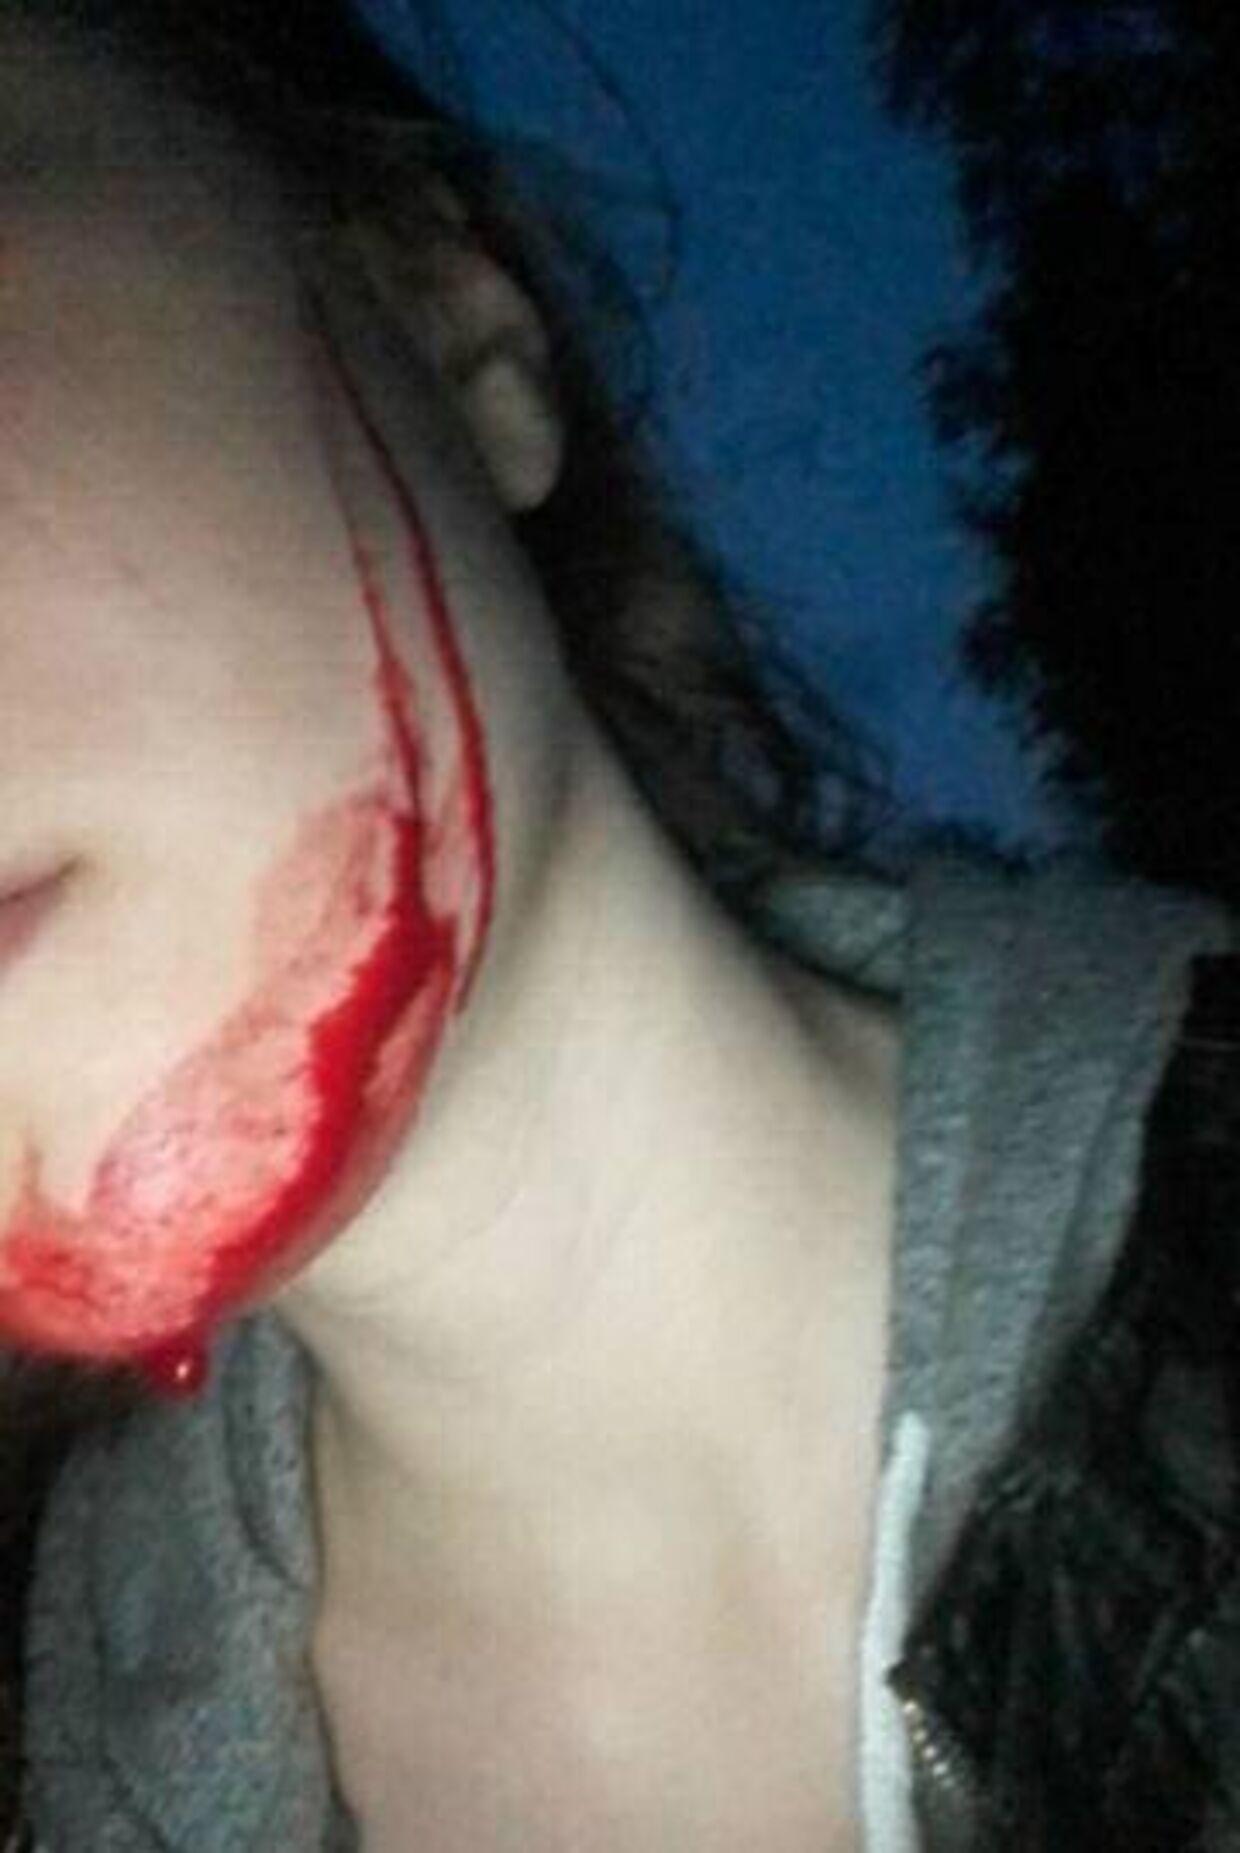 Det var en meget chokeret Emilia Jensen, der kom hjem til sine forældre lørdag aften. Hun var blevet overfaldet af fire drenge.